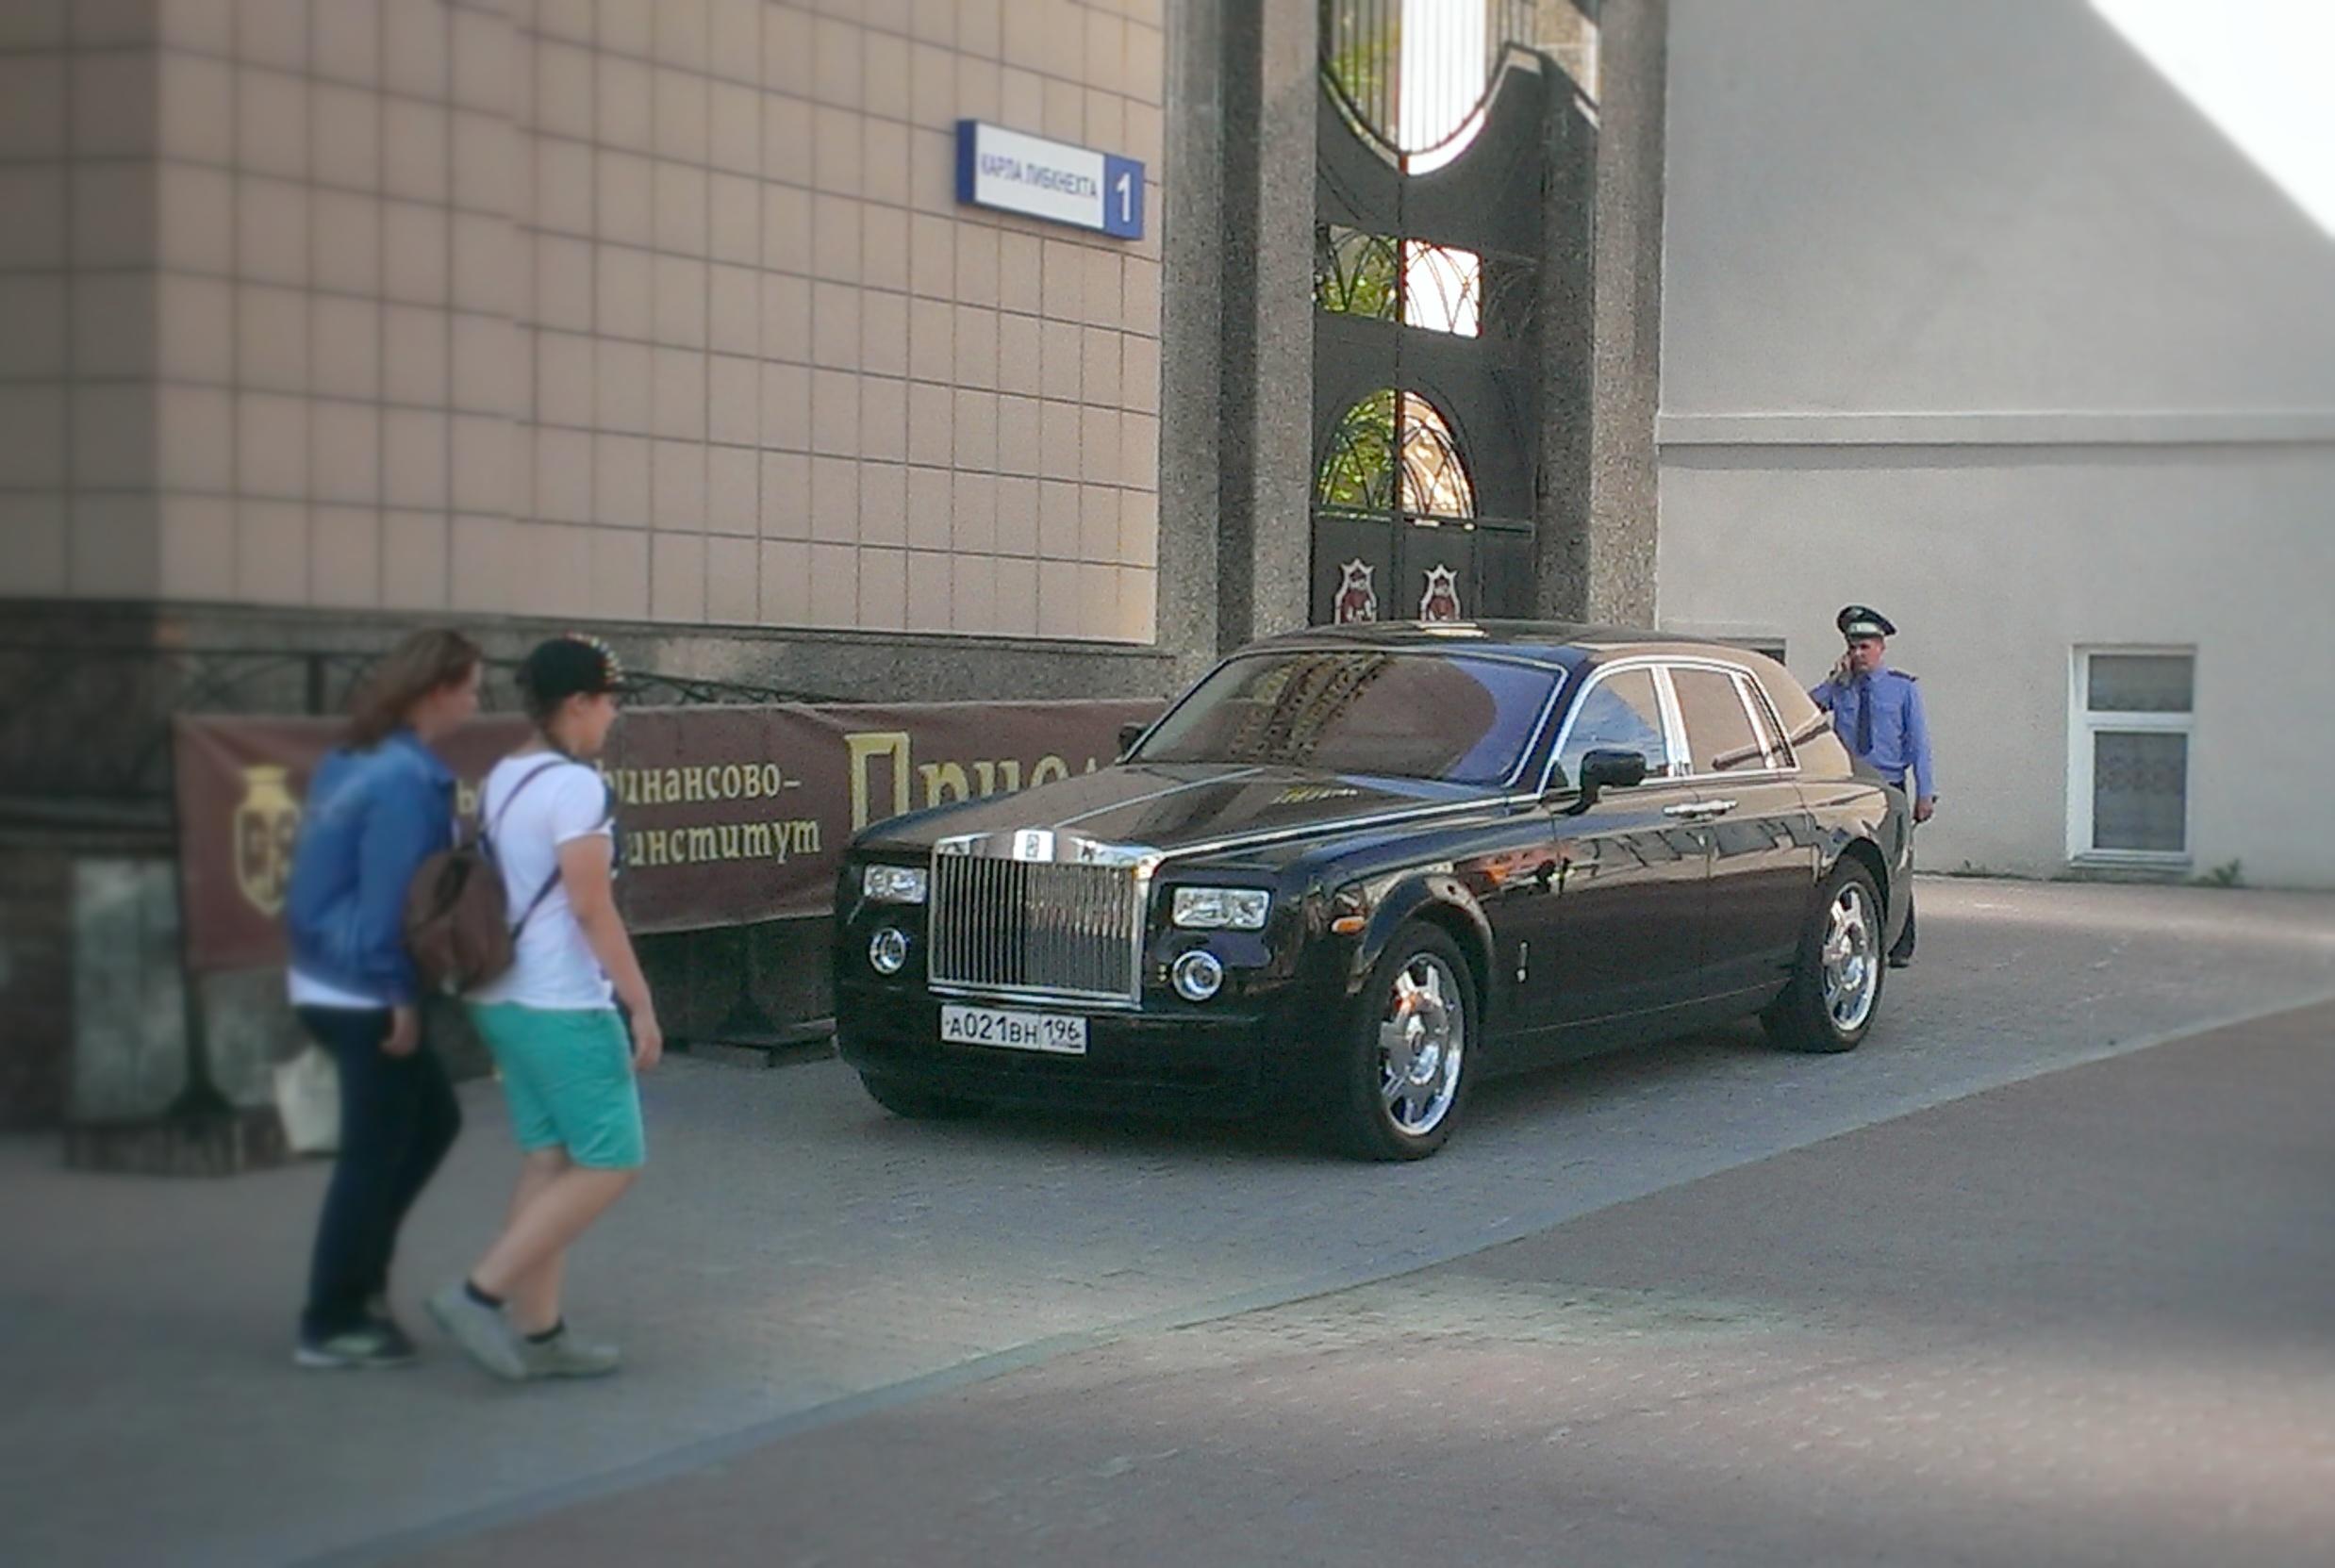 Посмотреть фантом в екатеринбург крышечки для двигателей dji с таобао